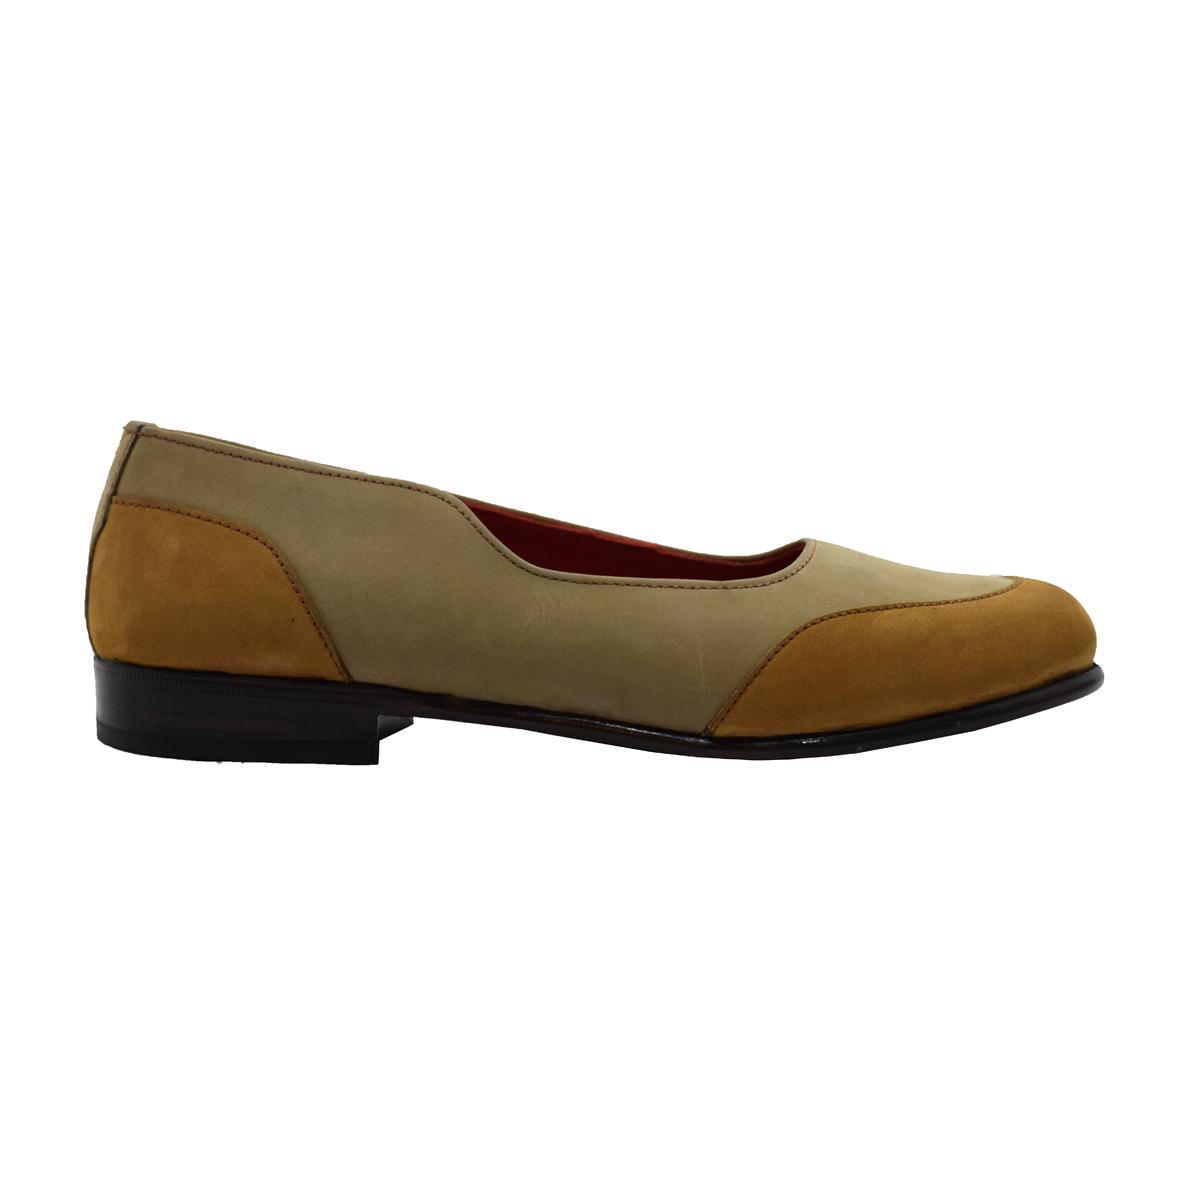 کفش زنانه دگرمان مدل آرام کد deg.1ar1105 -  - 3